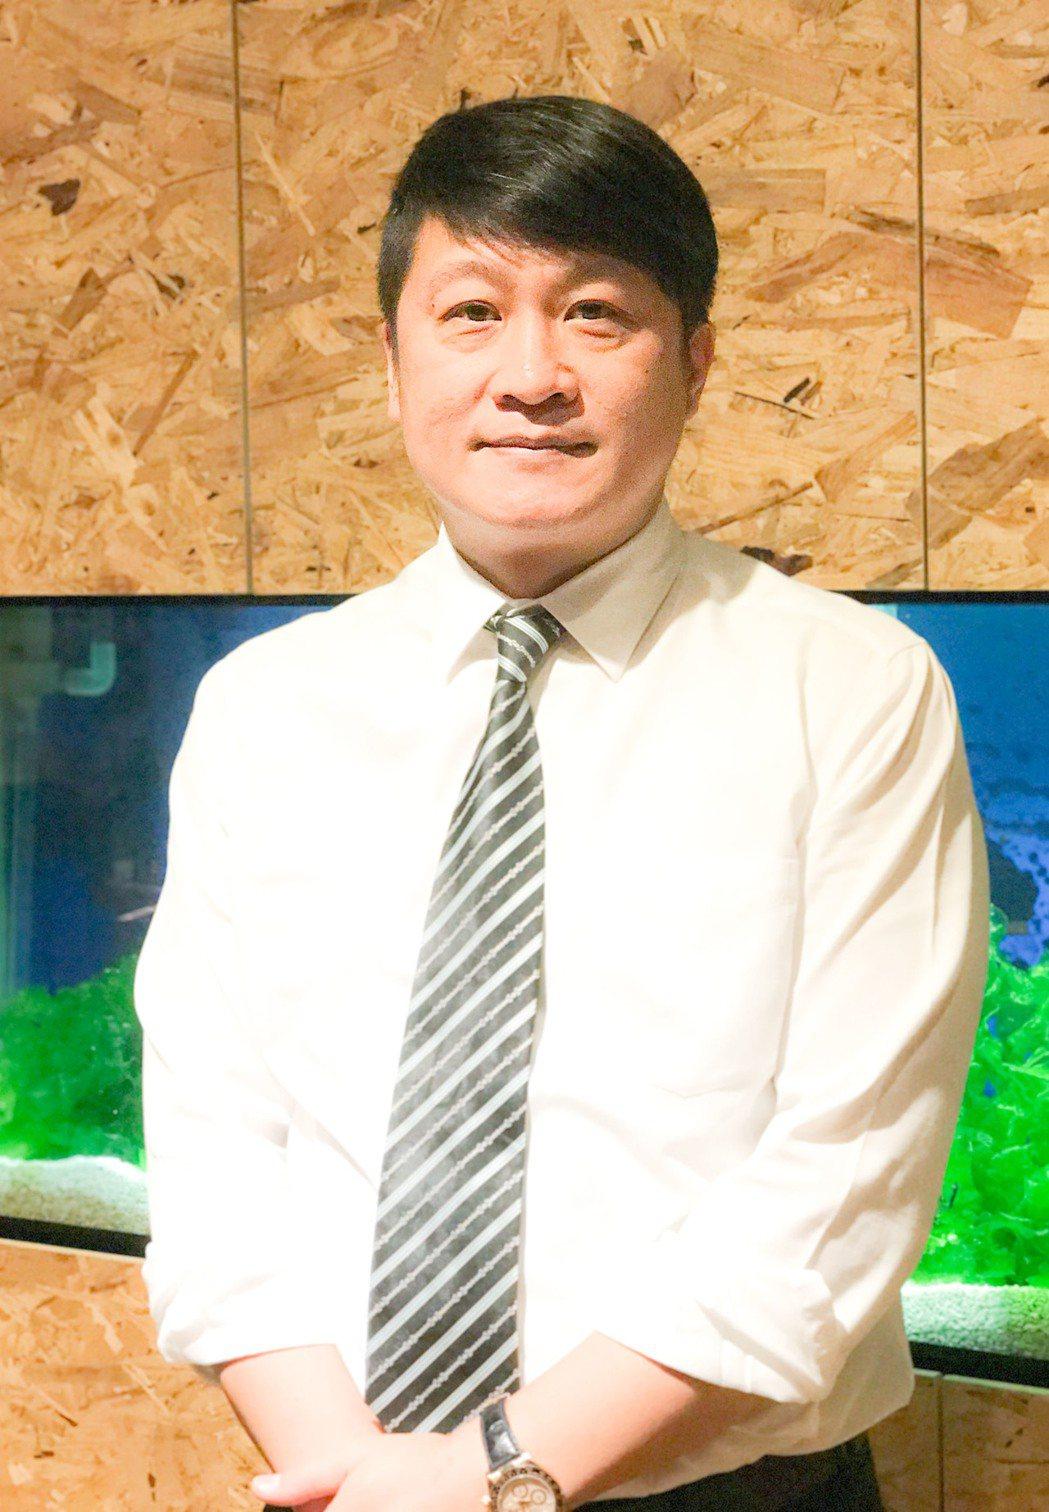 聯義廣告執行長張明道當選高雄市不動產代銷公會第六屆理事長。 攝影/張世雅